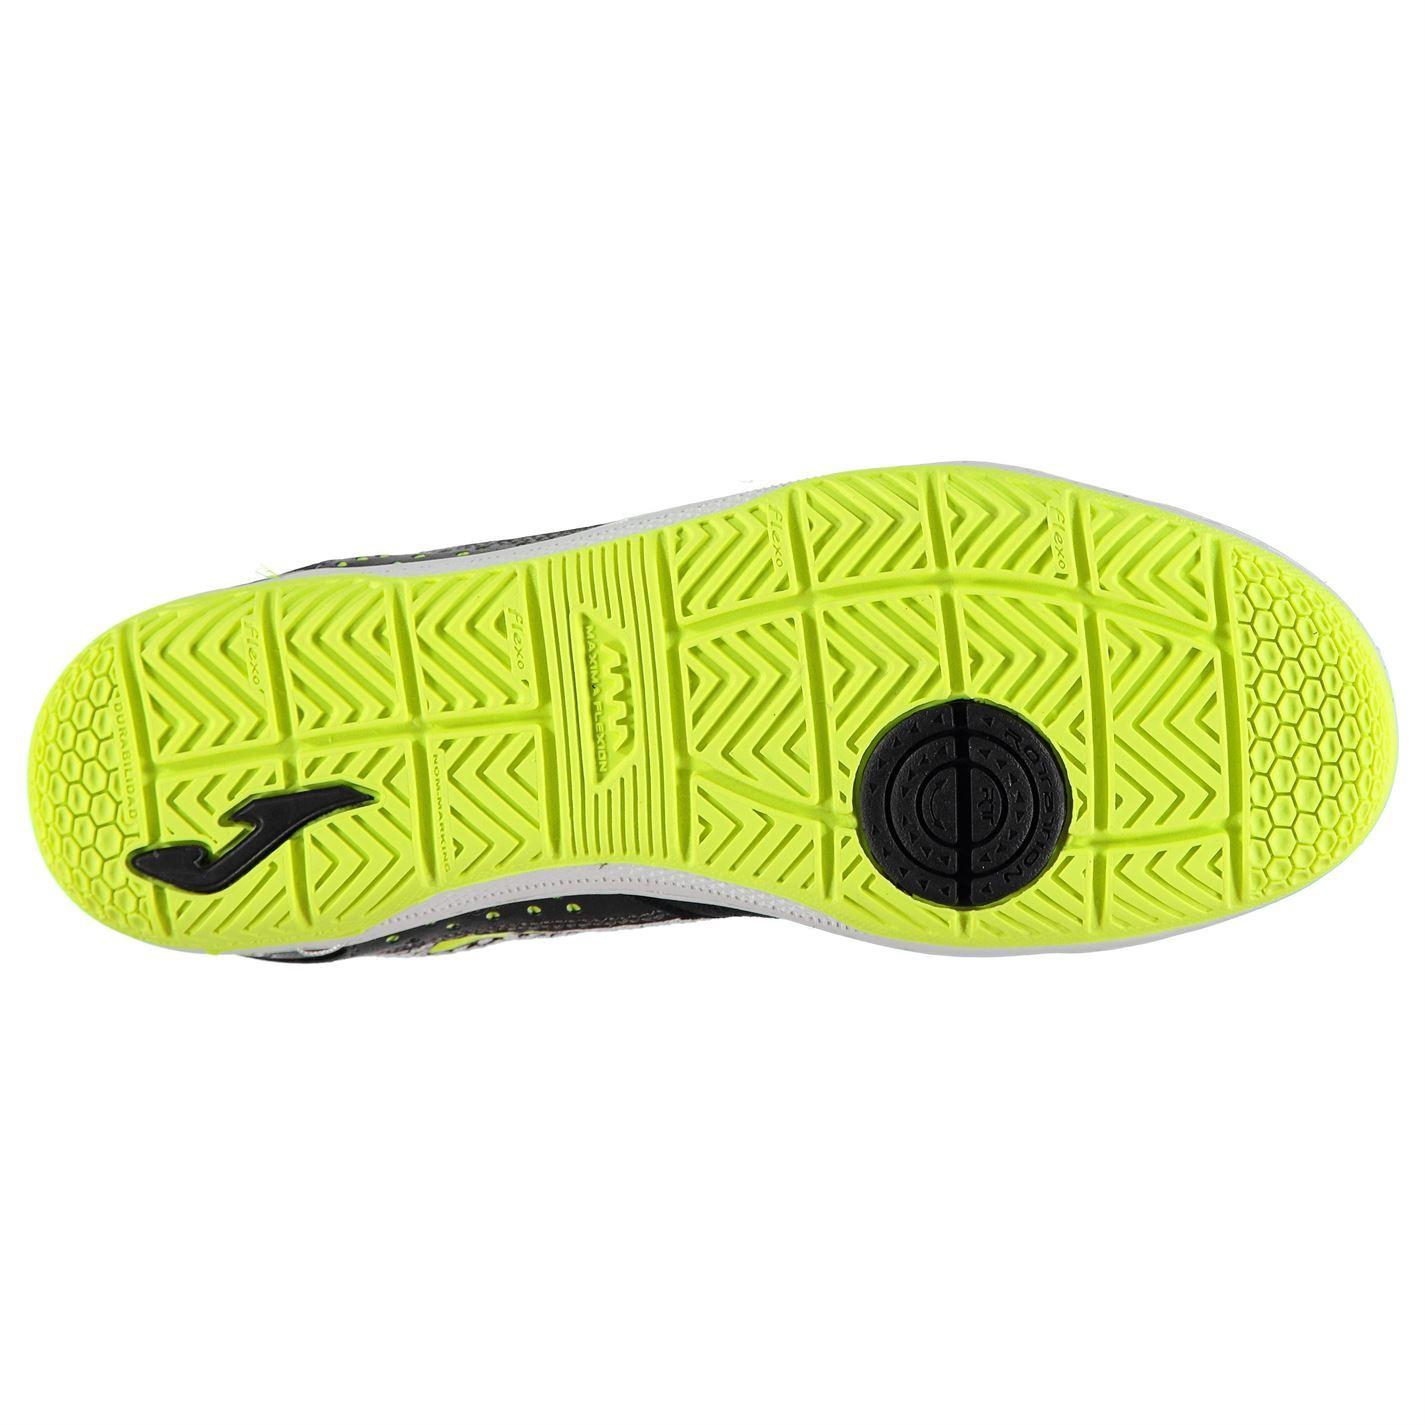 Calcetto Pelle UomoNerogiallo Joma Mundial Sportive Scarpe Da CshtQrdx